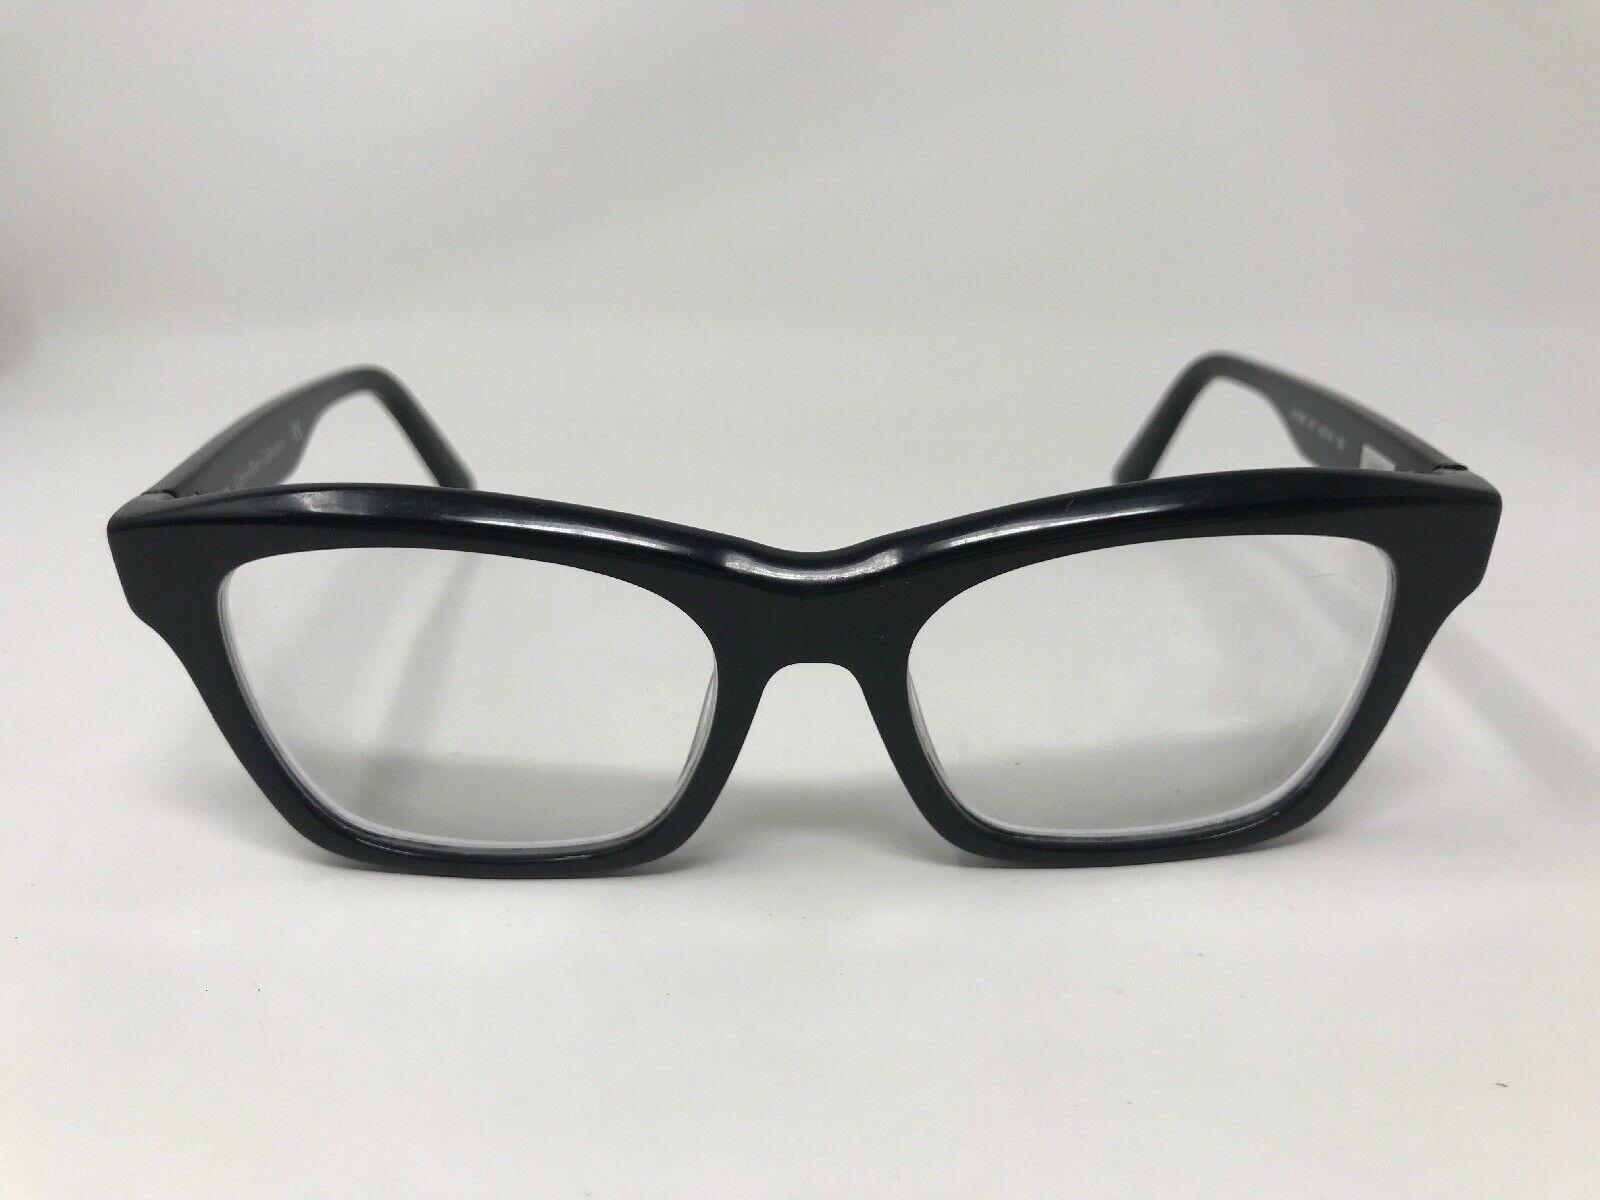 CALVIN KLEIN Eyeglasses Frame CK7988 001 Collection 52-18-135 Polished Black H09